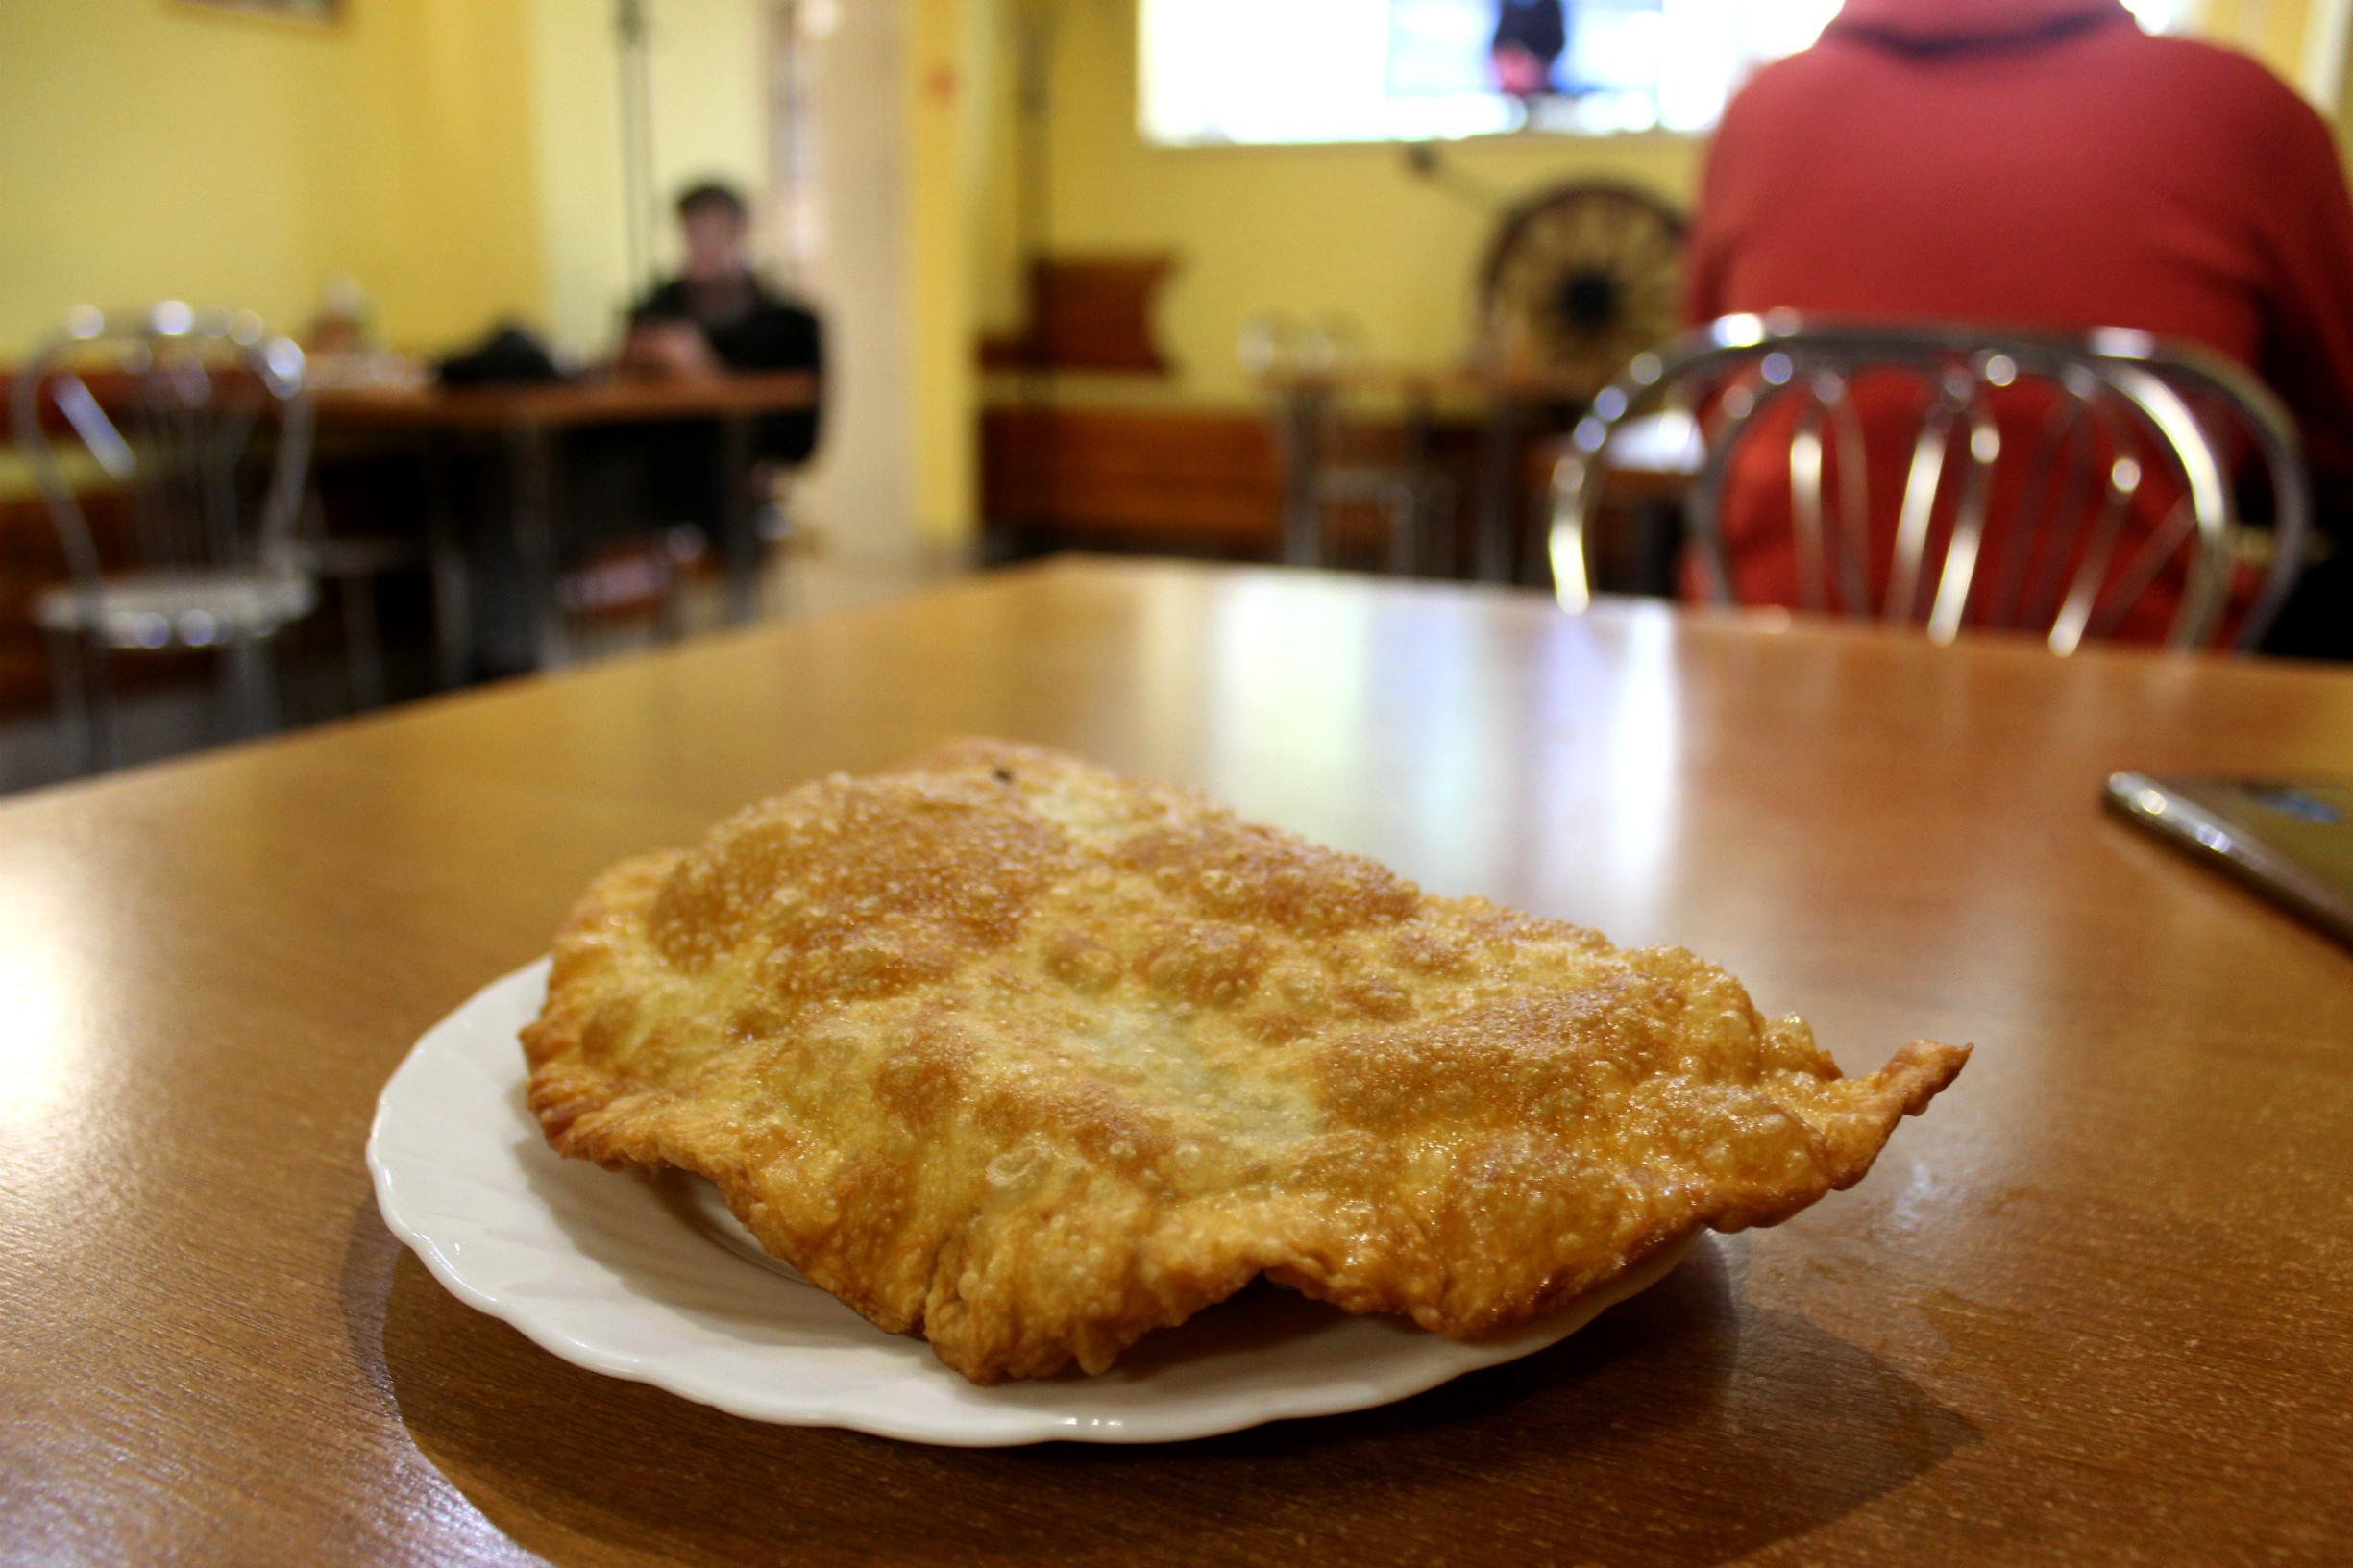 Чебурек из кафе «Ага» за 70 рублей